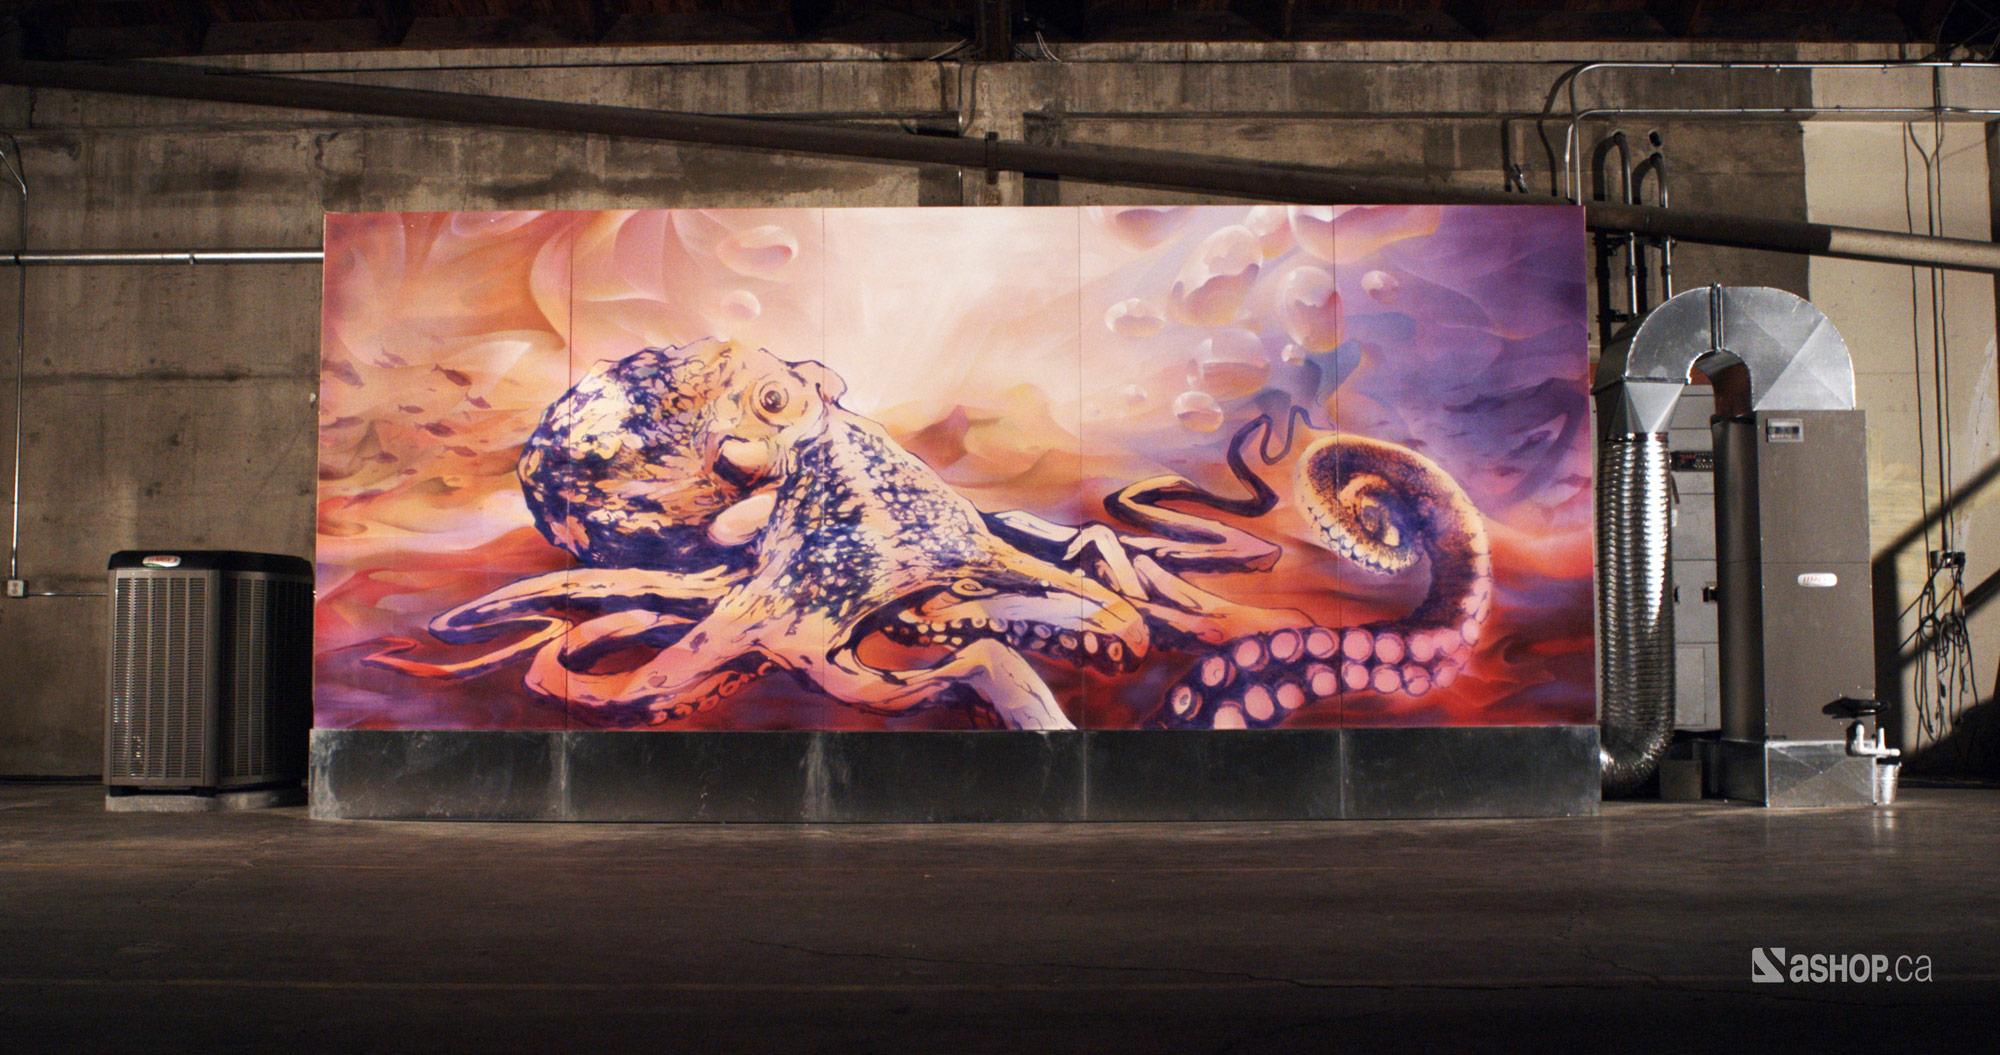 lennox_bacon_after_ashop_a'shop_mural_murales_graffiti_street_art_montreal_paint_WEB.jpg